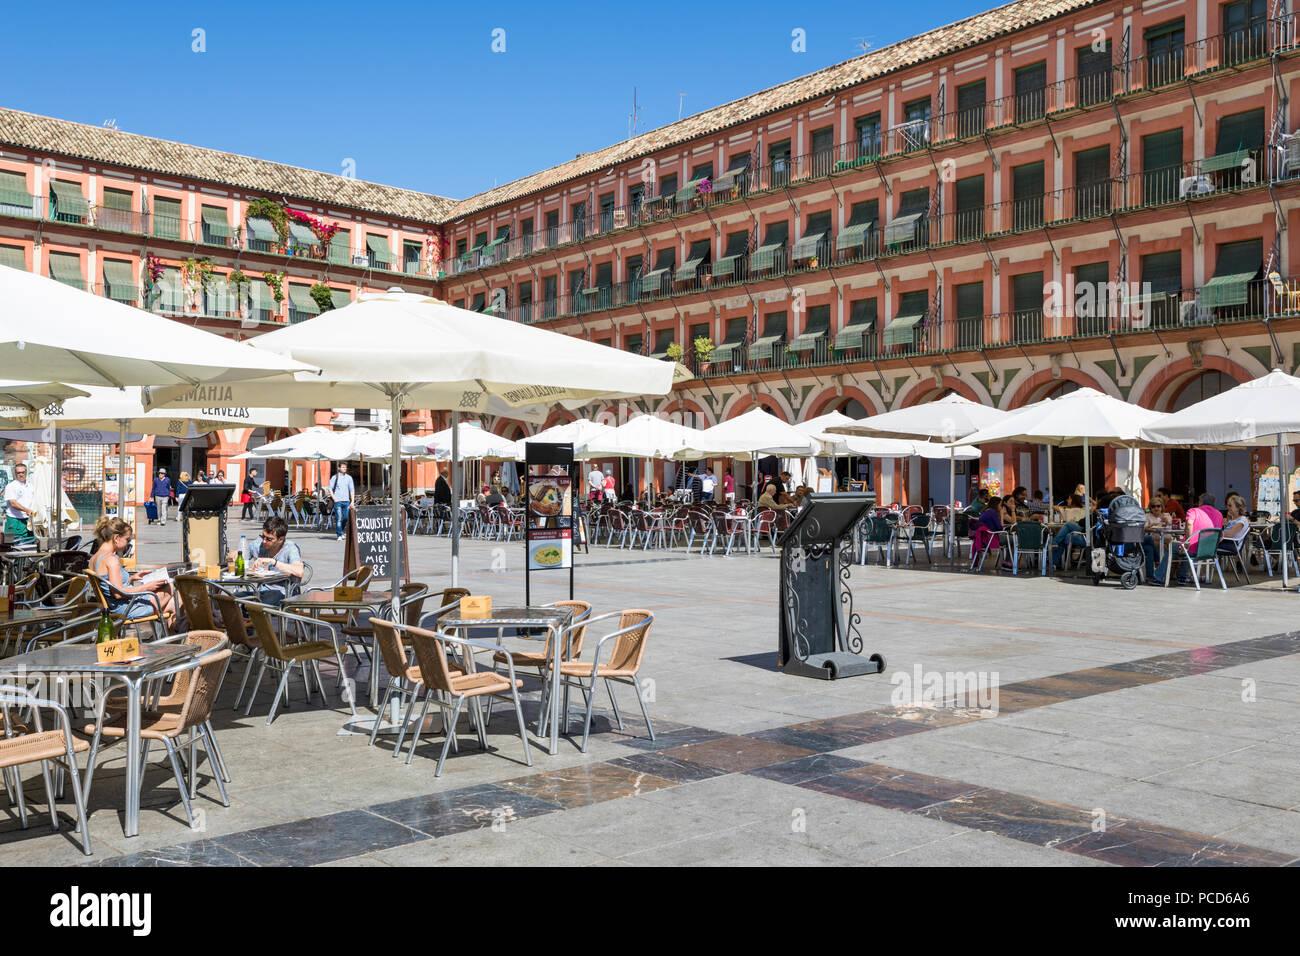 Caffè e ristoranti nella Plaza de la Corredera, Cordoba, Andalusia, Spagna, Europa Immagini Stock